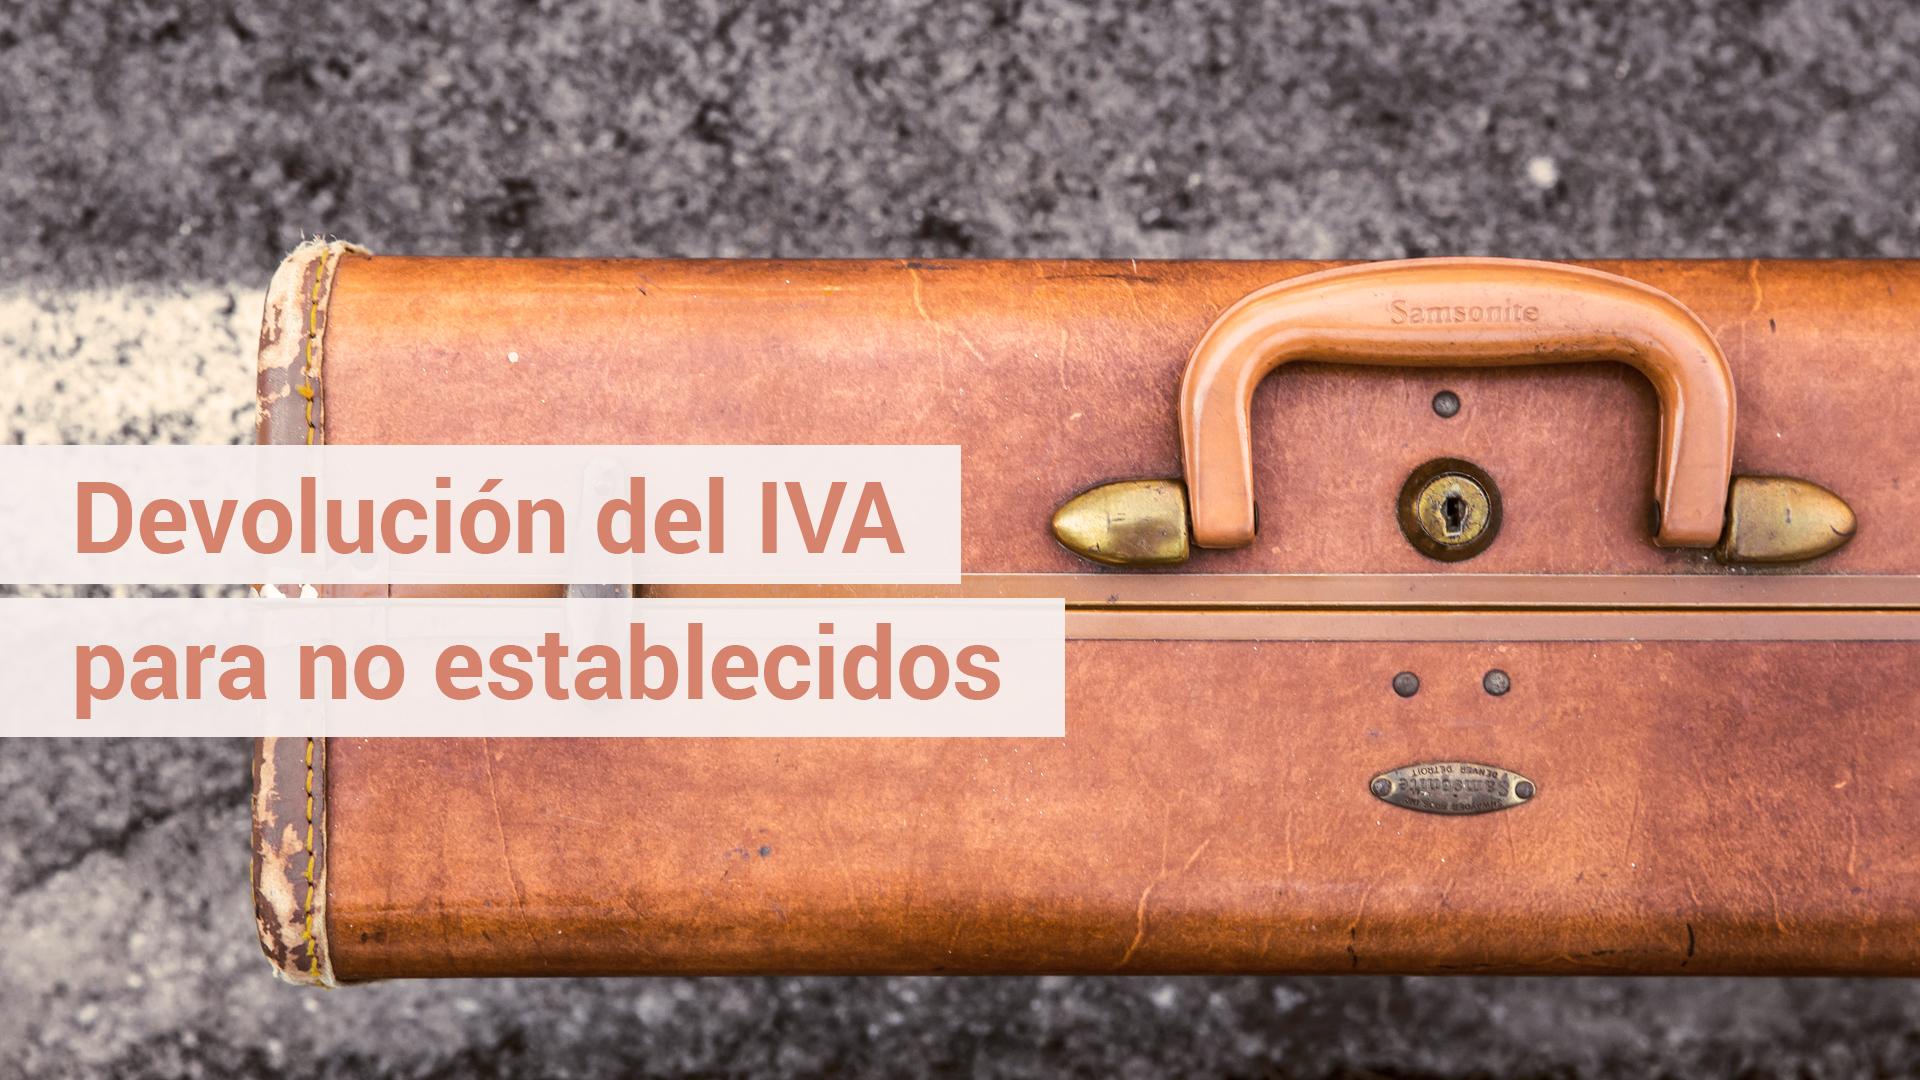 ¿Cómo se solicita la devolución del IVA para no establecidos?